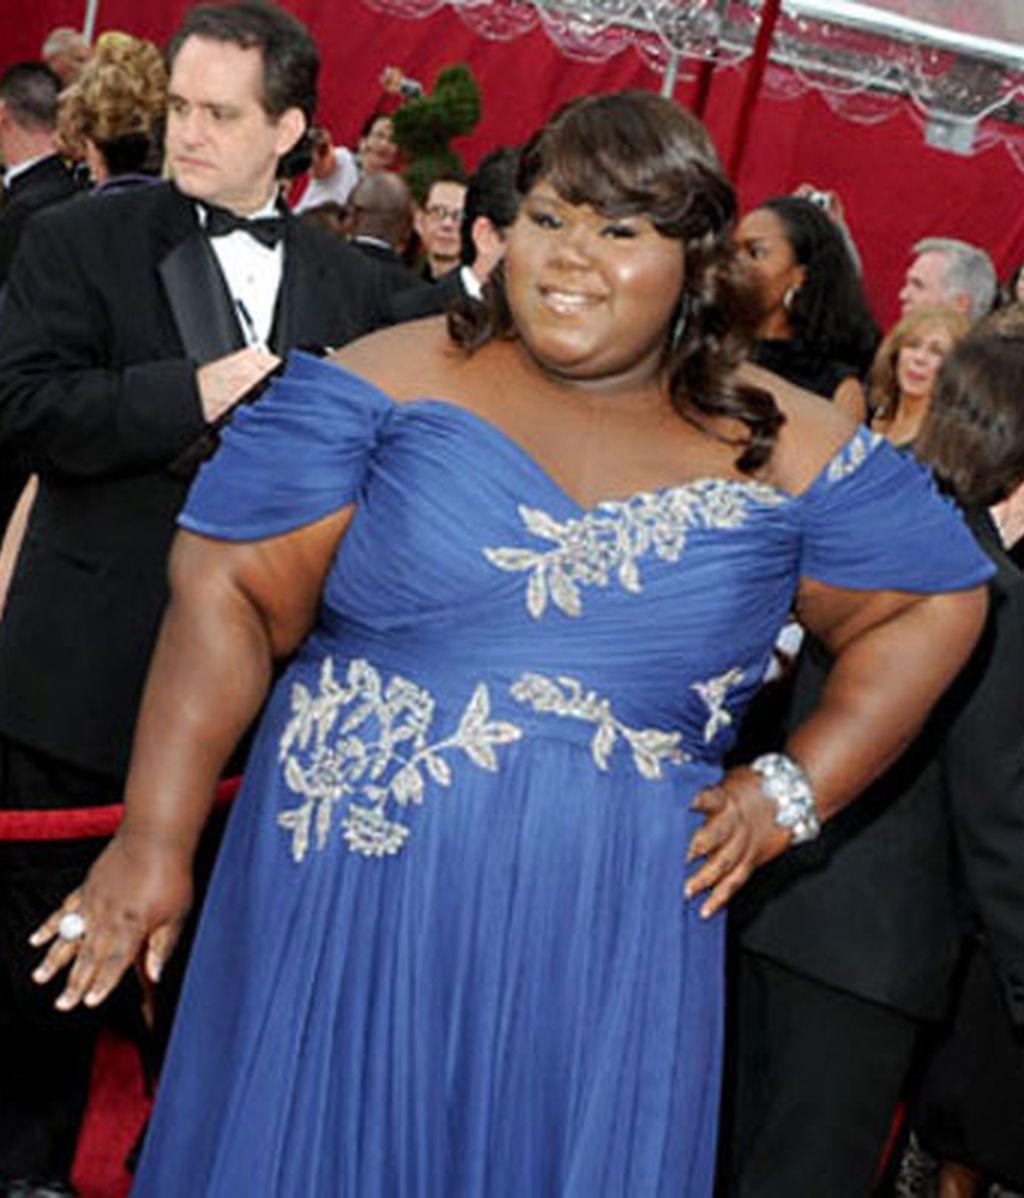 Vogue ha desechado la idea de sacar a la actriz en portada debido a su aspecto físico. Foto: Getty.